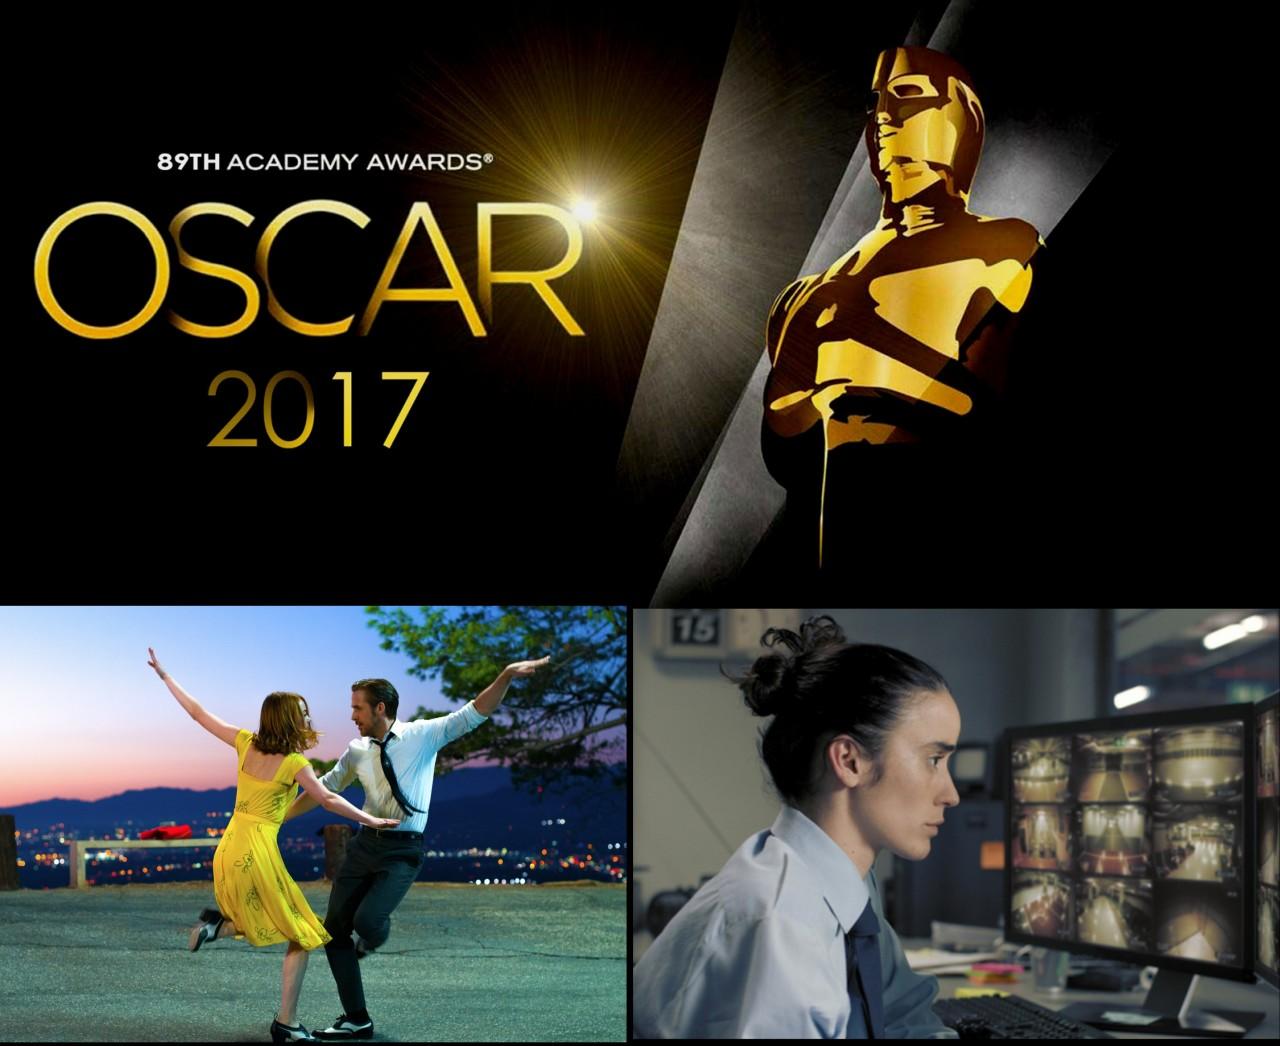 Este año en los Oscars actores que bailan en LA LA LAND y bailarines que actúan en nuestro corto TIMECODE. ¡La danza a por losOscars!